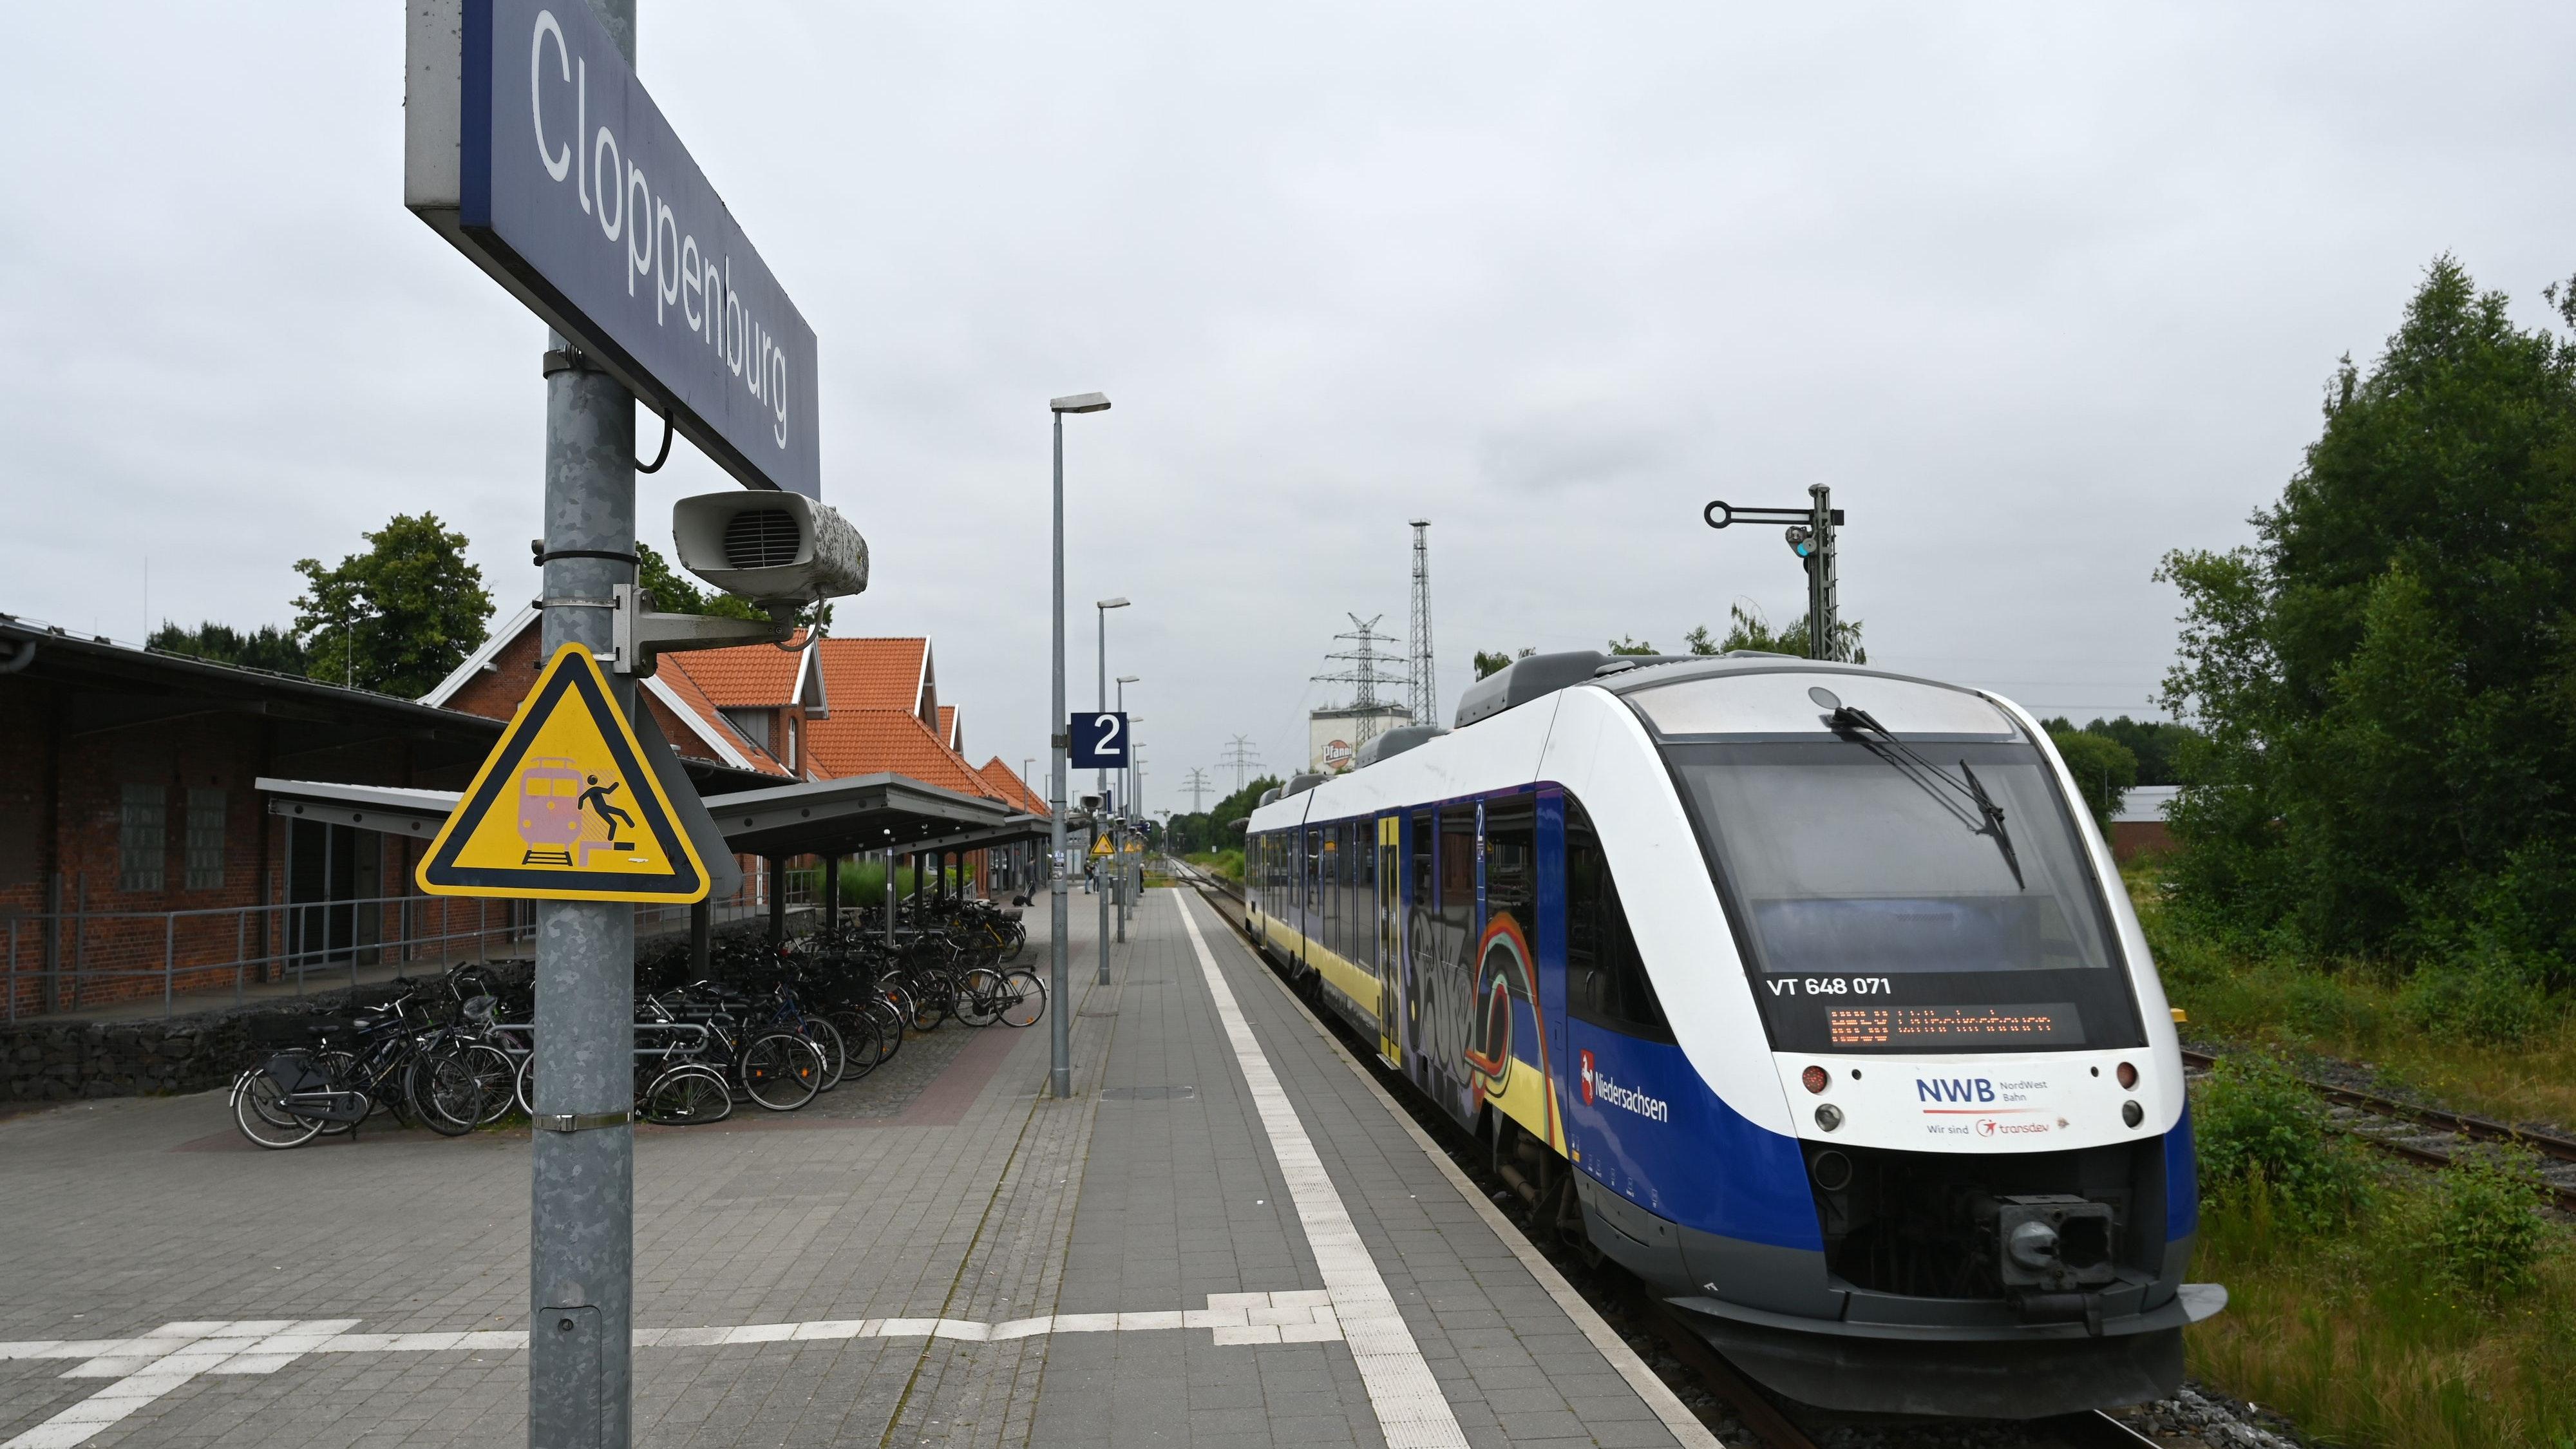 Am Cloppenburger Bahnhof: Zurzeit hält hier nur die Nordwestbahn. Foto: Hermes